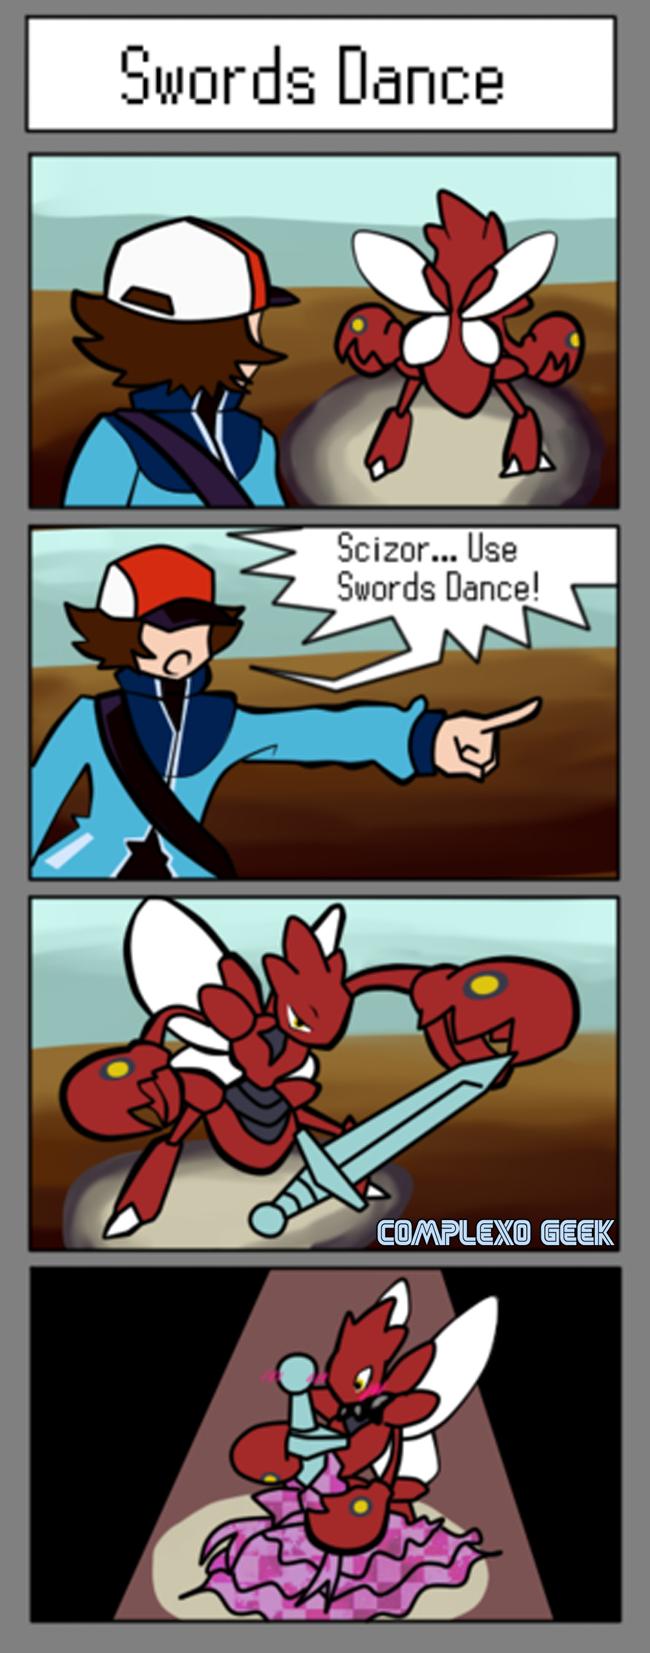 0 sword dance